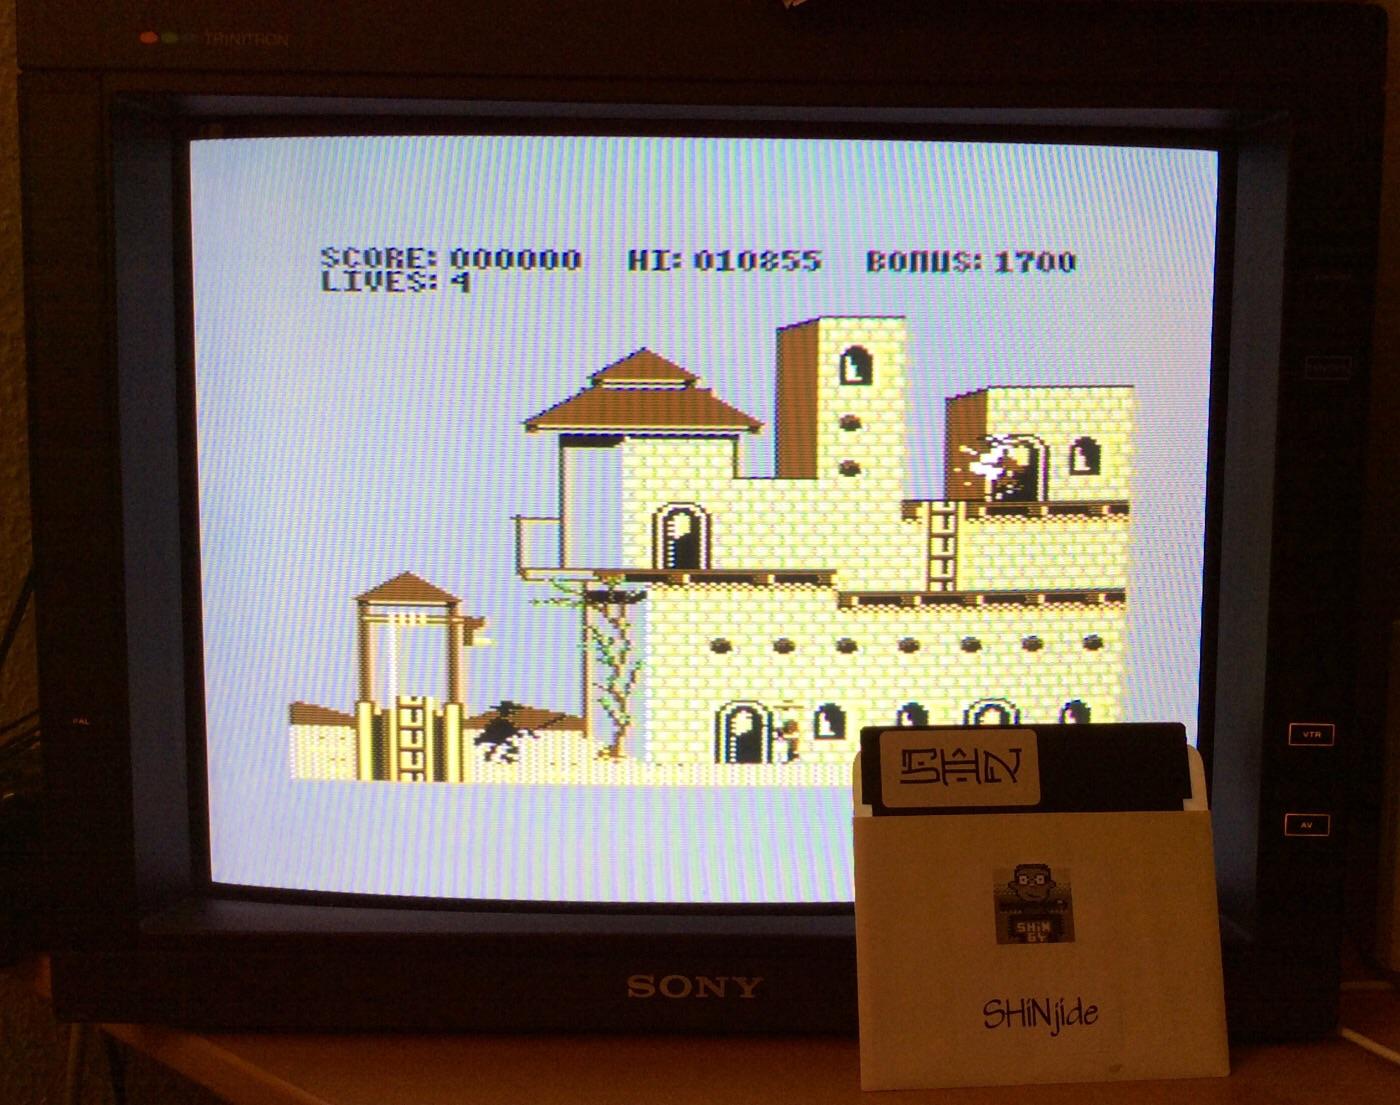 SHiNjide: Zorro (Commodore 64) 10,855 points on 2014-12-26 16:58:52